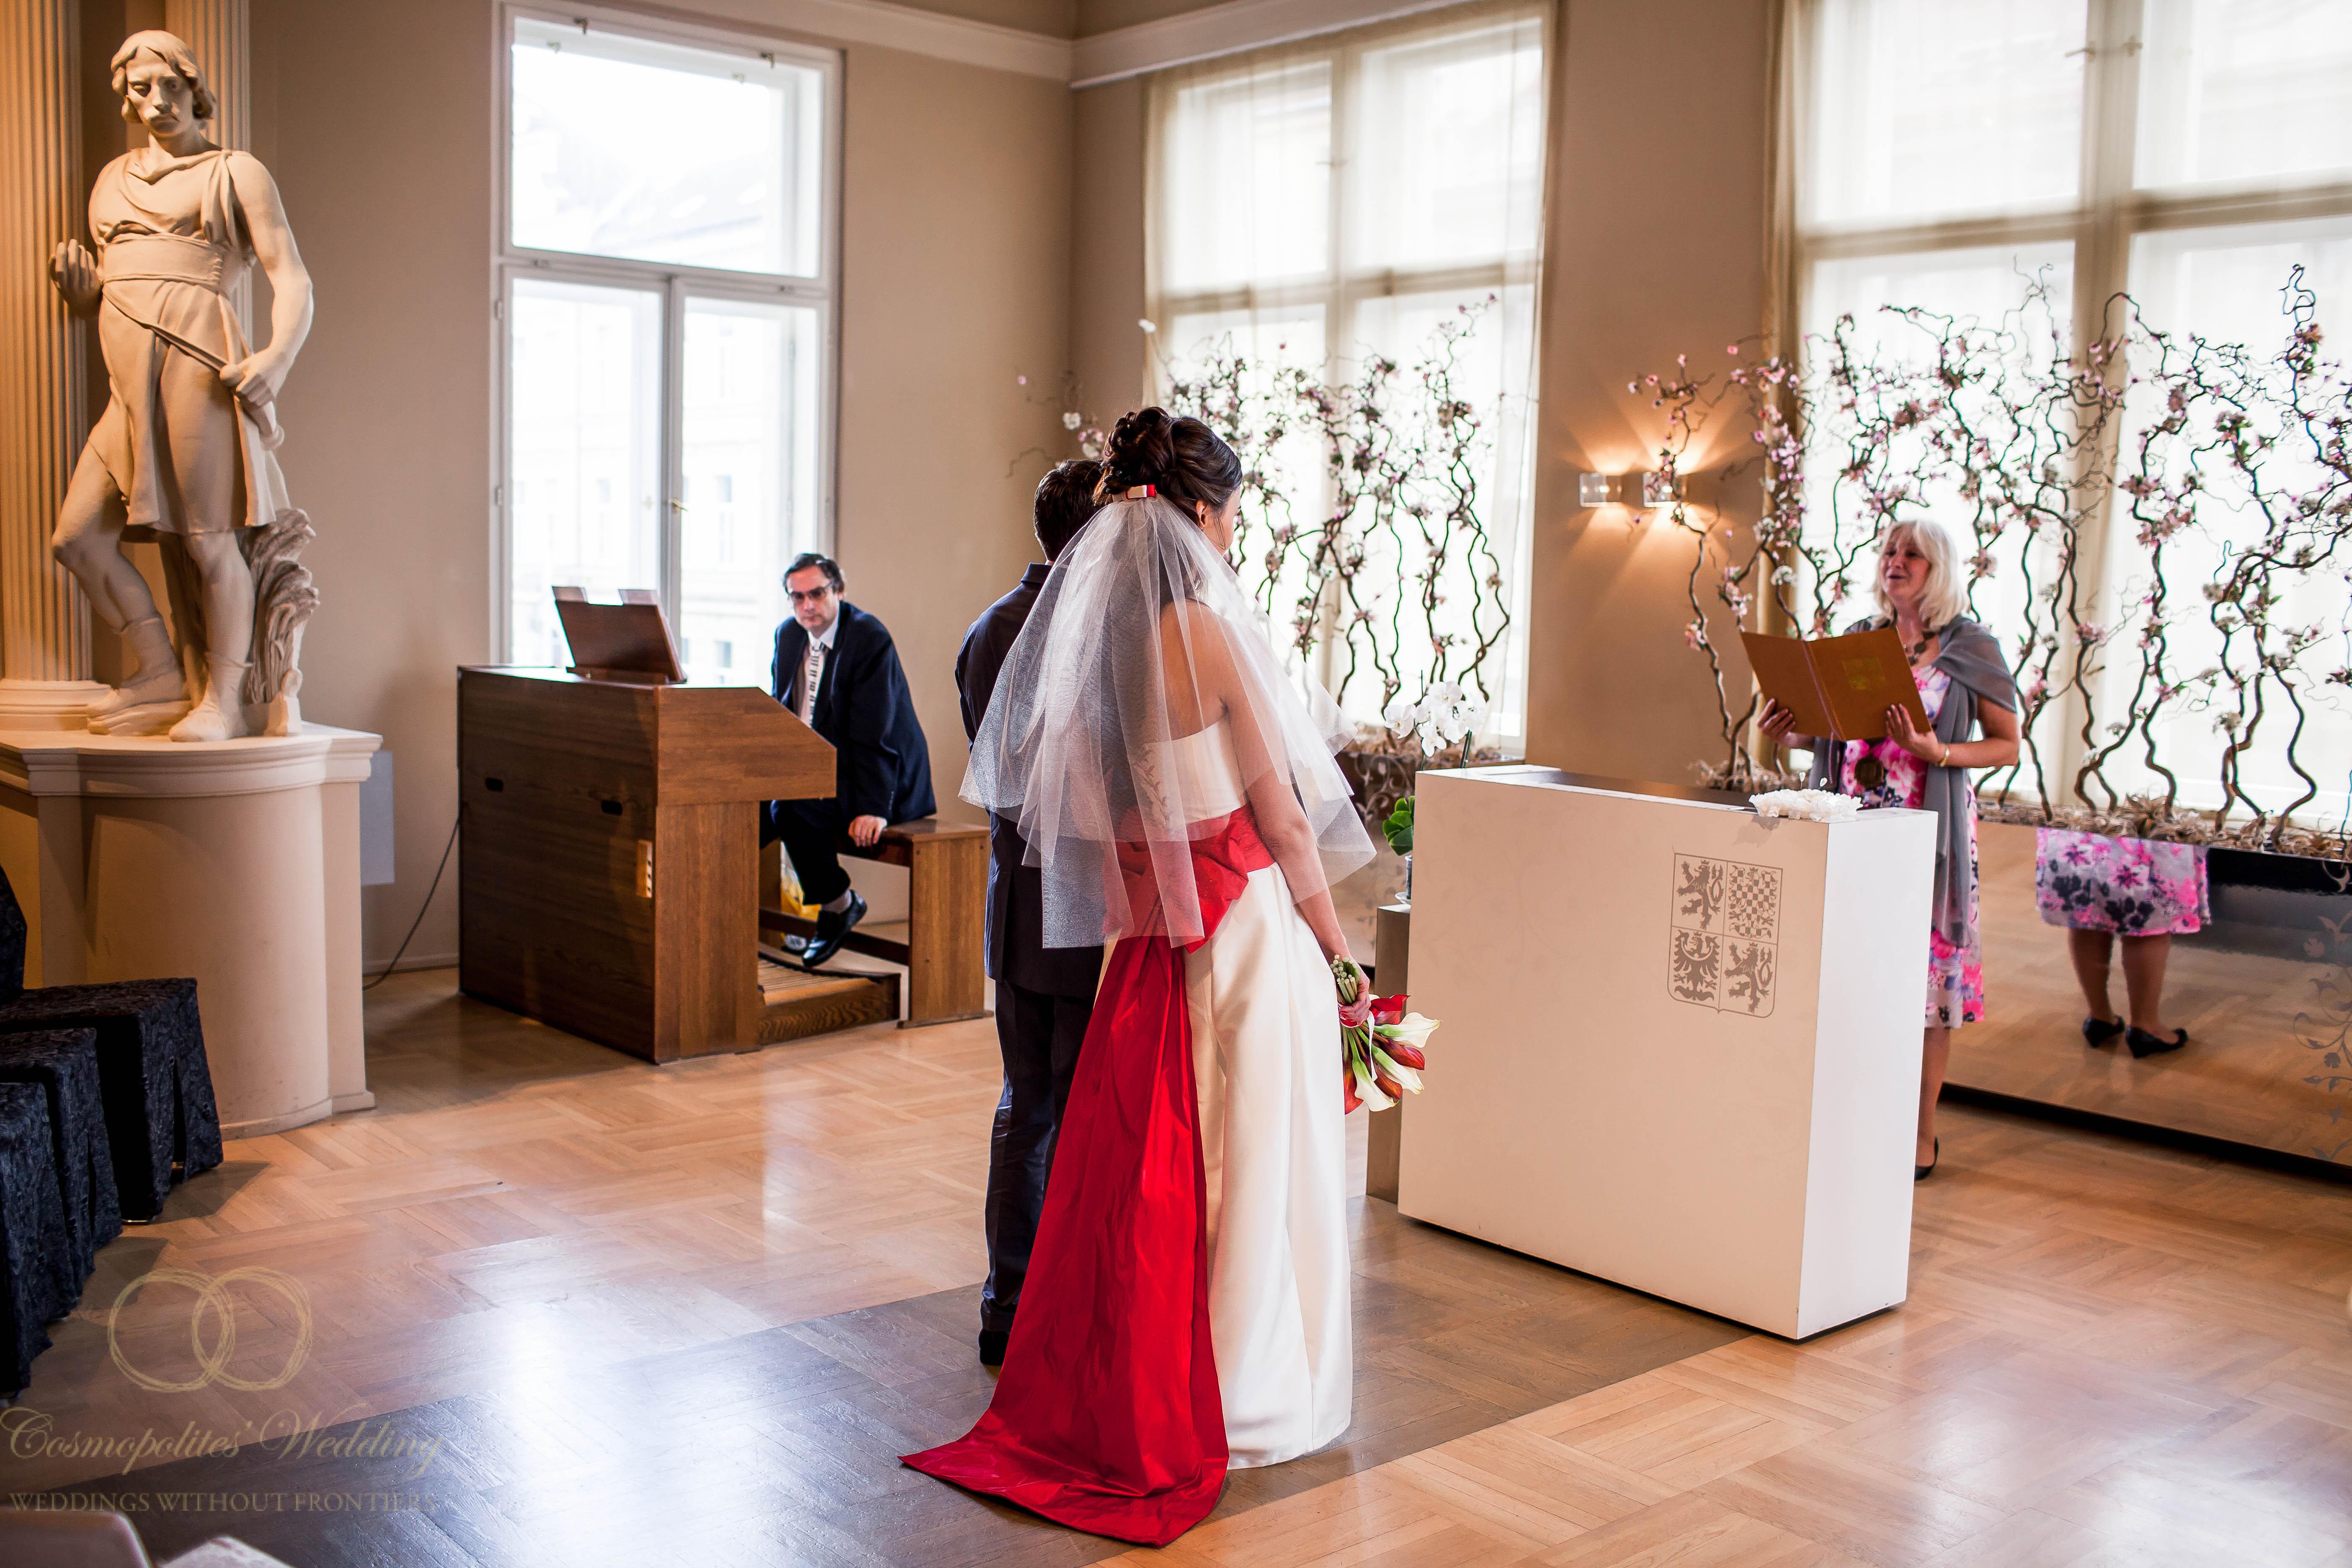 Свадьба Александра и Ольги — 9.5.2013 в Нусельской ратуше Праги - фото Свадьба Александра и Ольги — 9.5.2013 в Нусельской ратуше Праги №2506